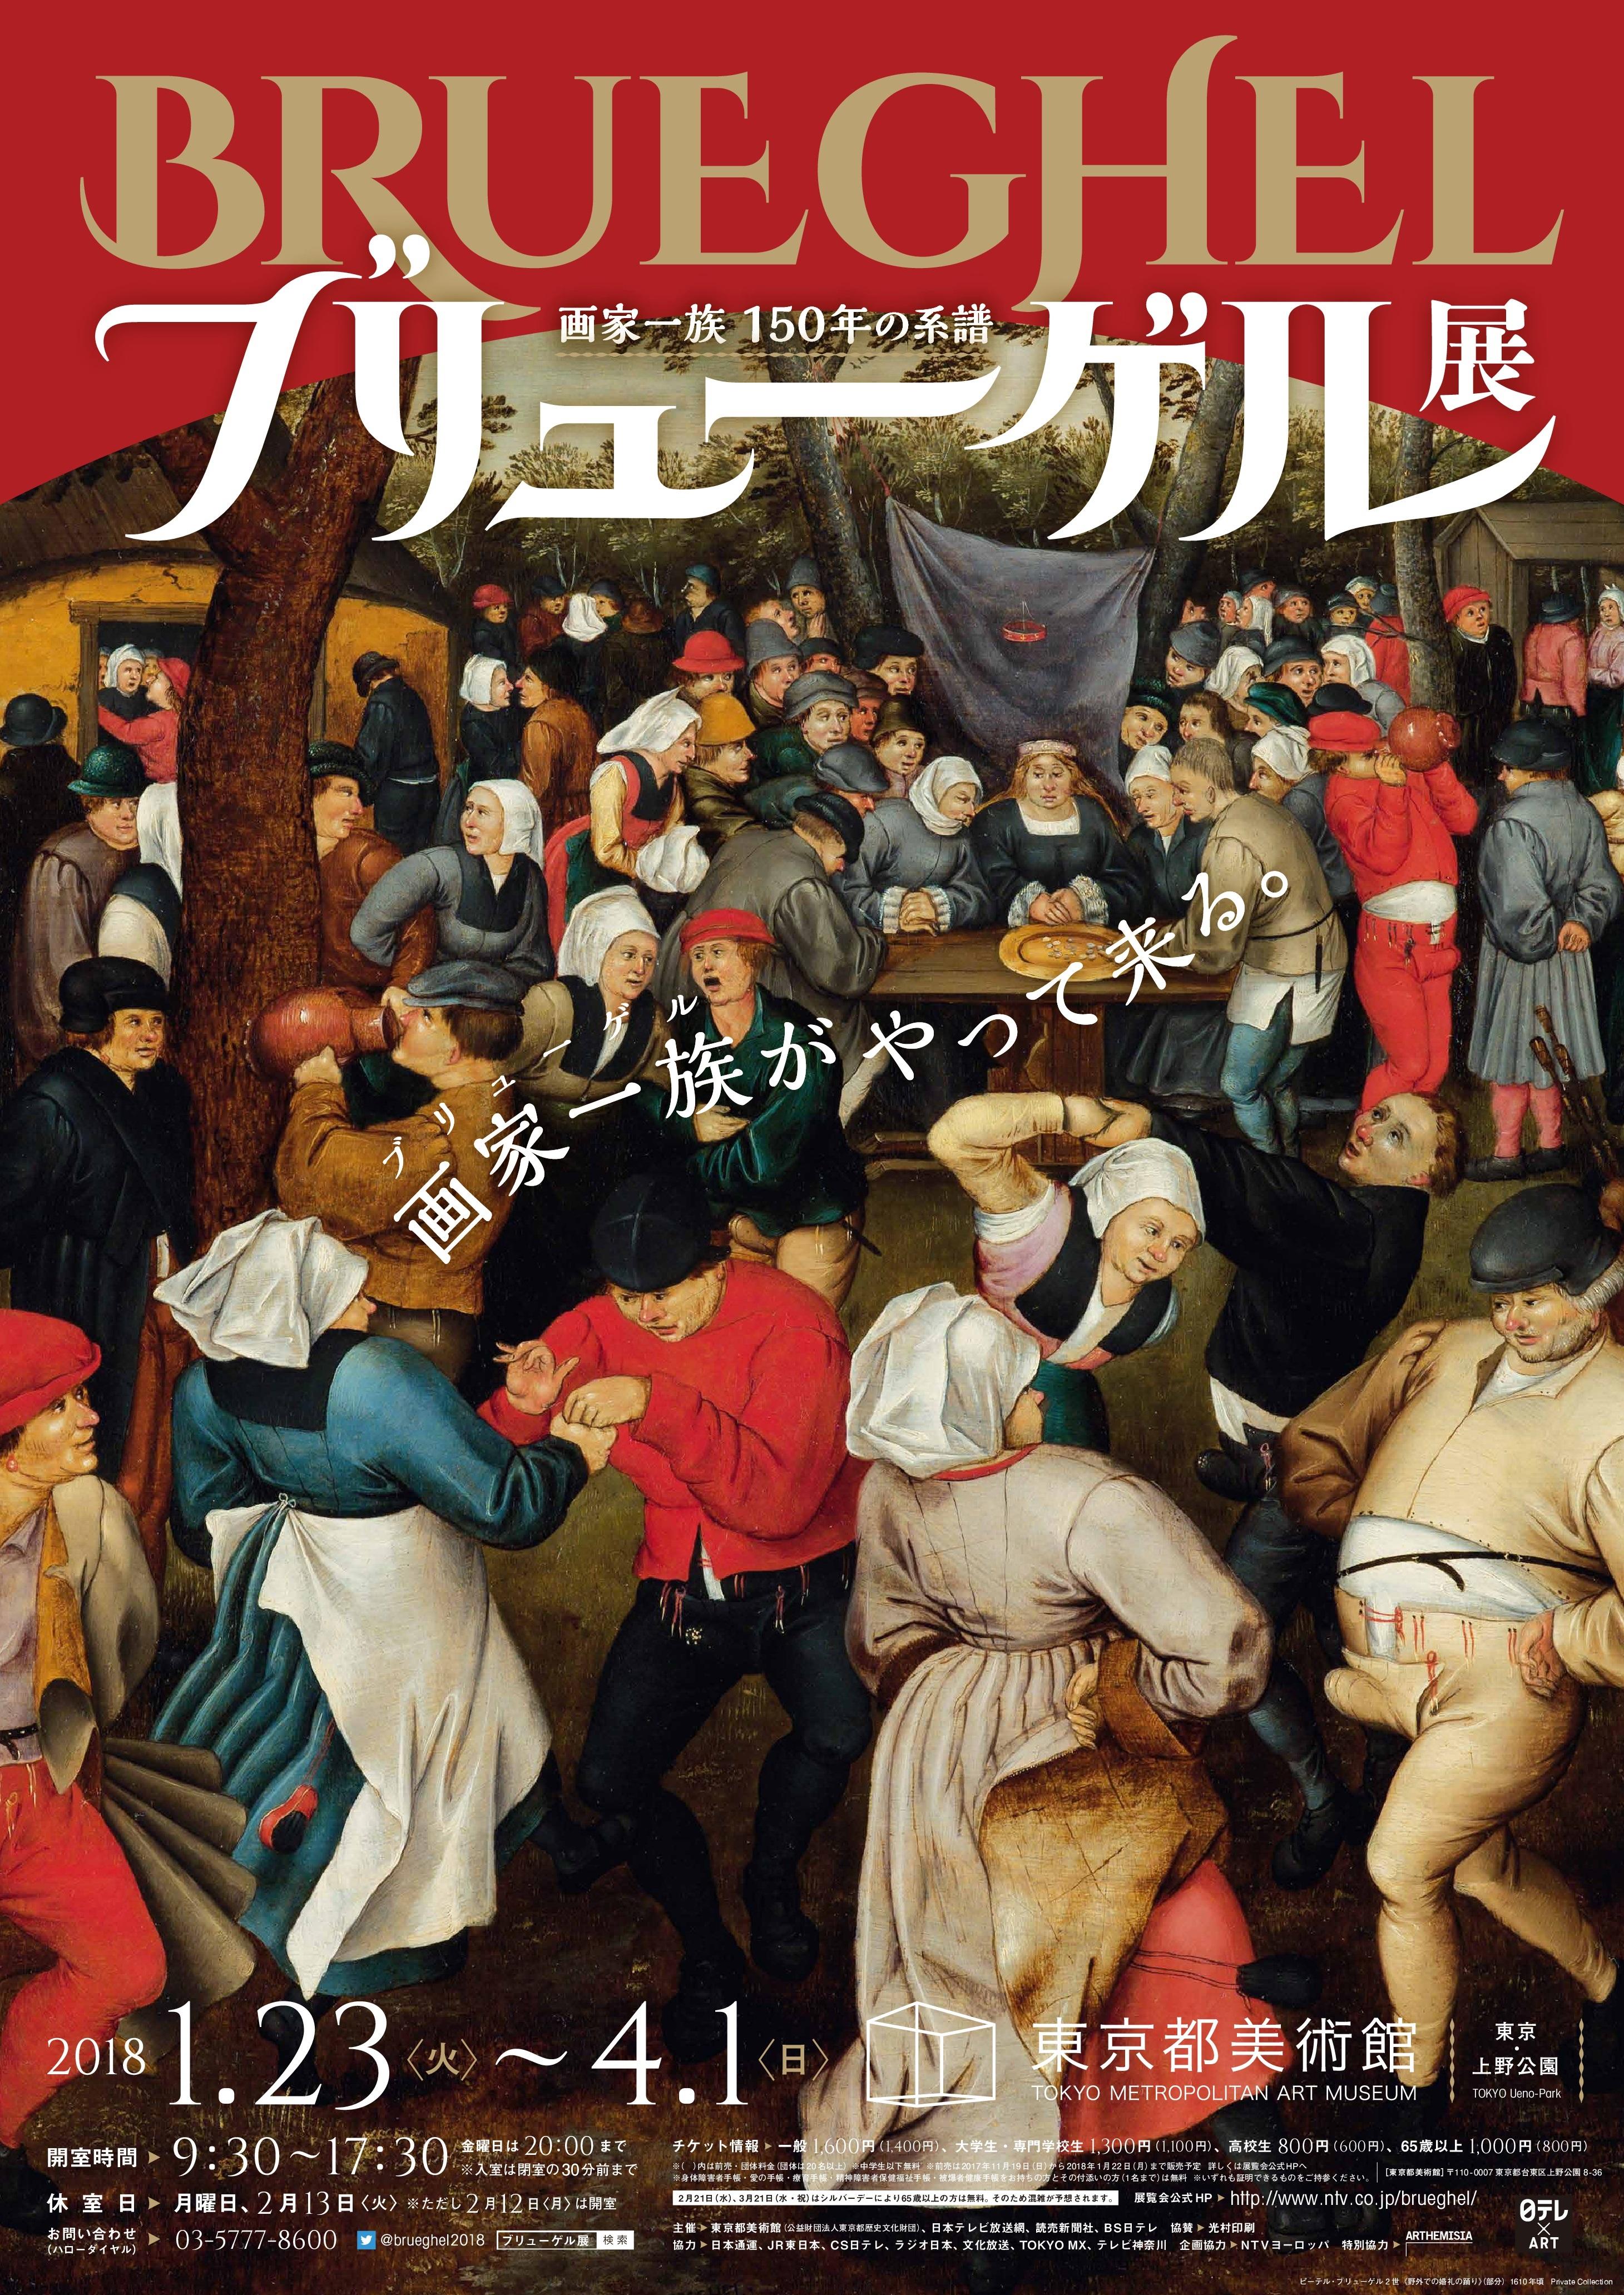 ブリューゲル展 画家一族 150年の系譜 | イベント情報 | 公益財団法人 ...